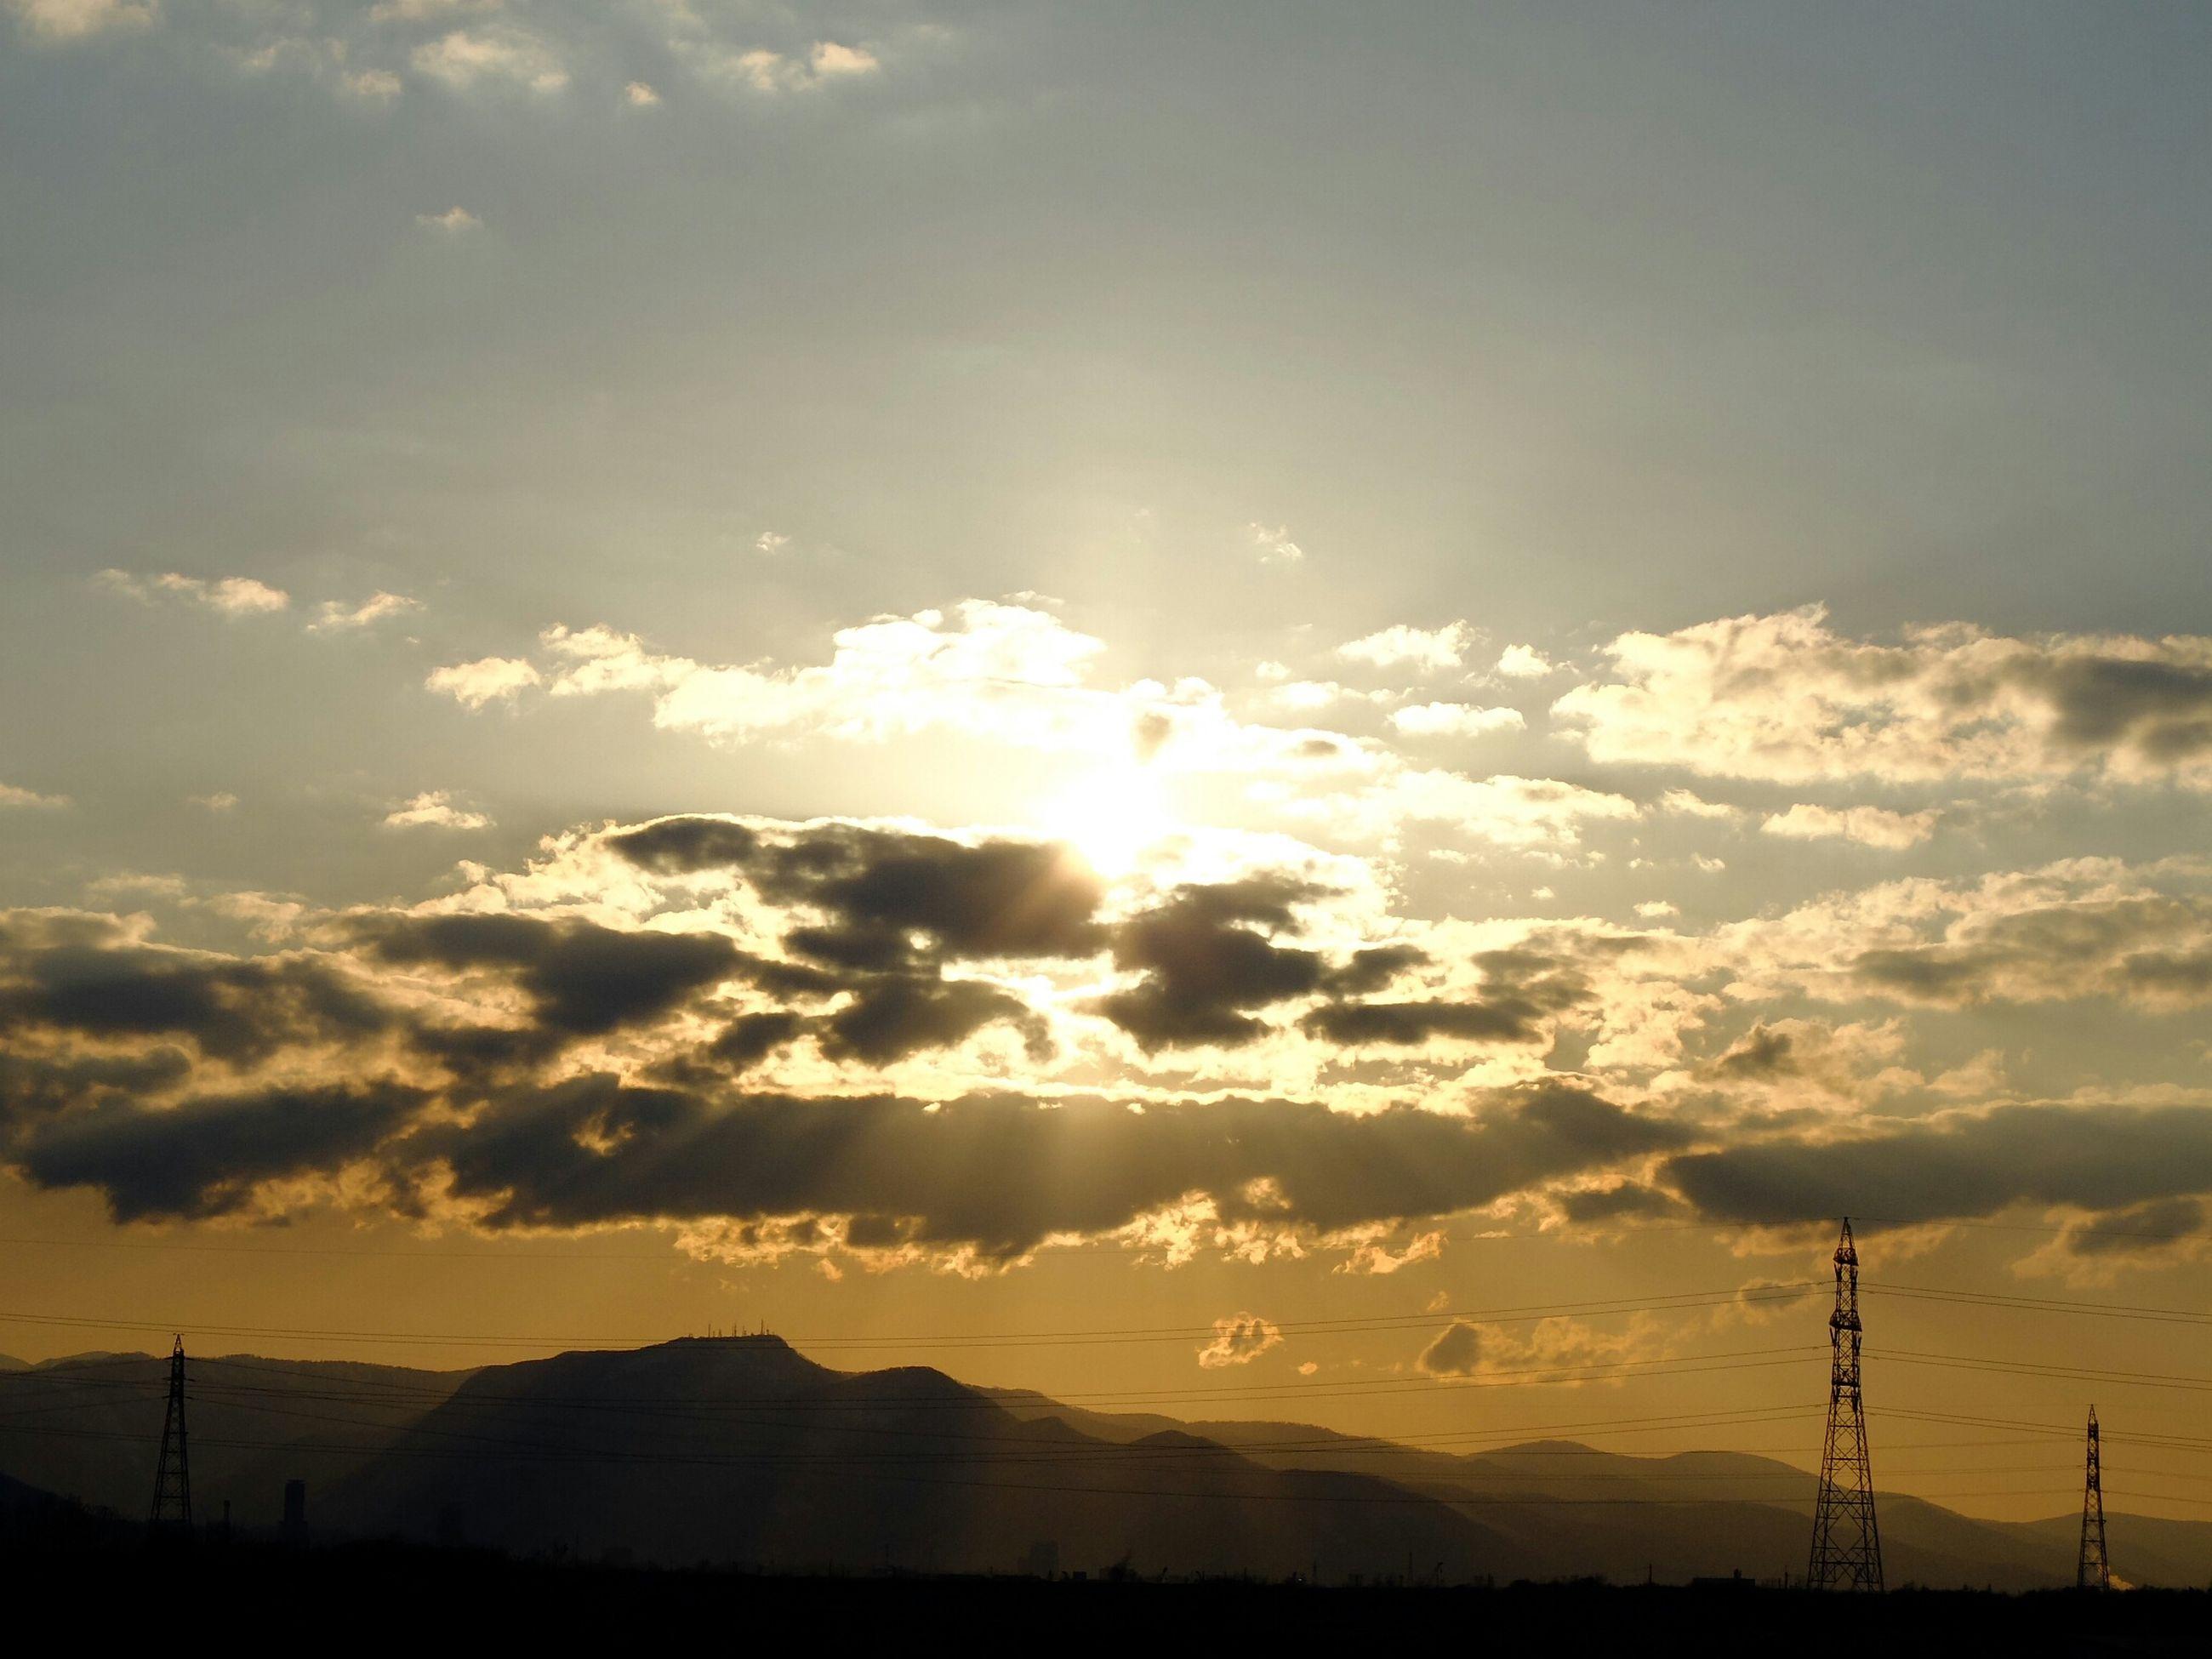 sunset, scenics, tranquil scene, tranquility, sky, beauty in nature, silhouette, landscape, sun, nature, idyllic, electricity pylon, cloud - sky, orange color, power line, mountain, sunlight, sunbeam, cloud, non-urban scene